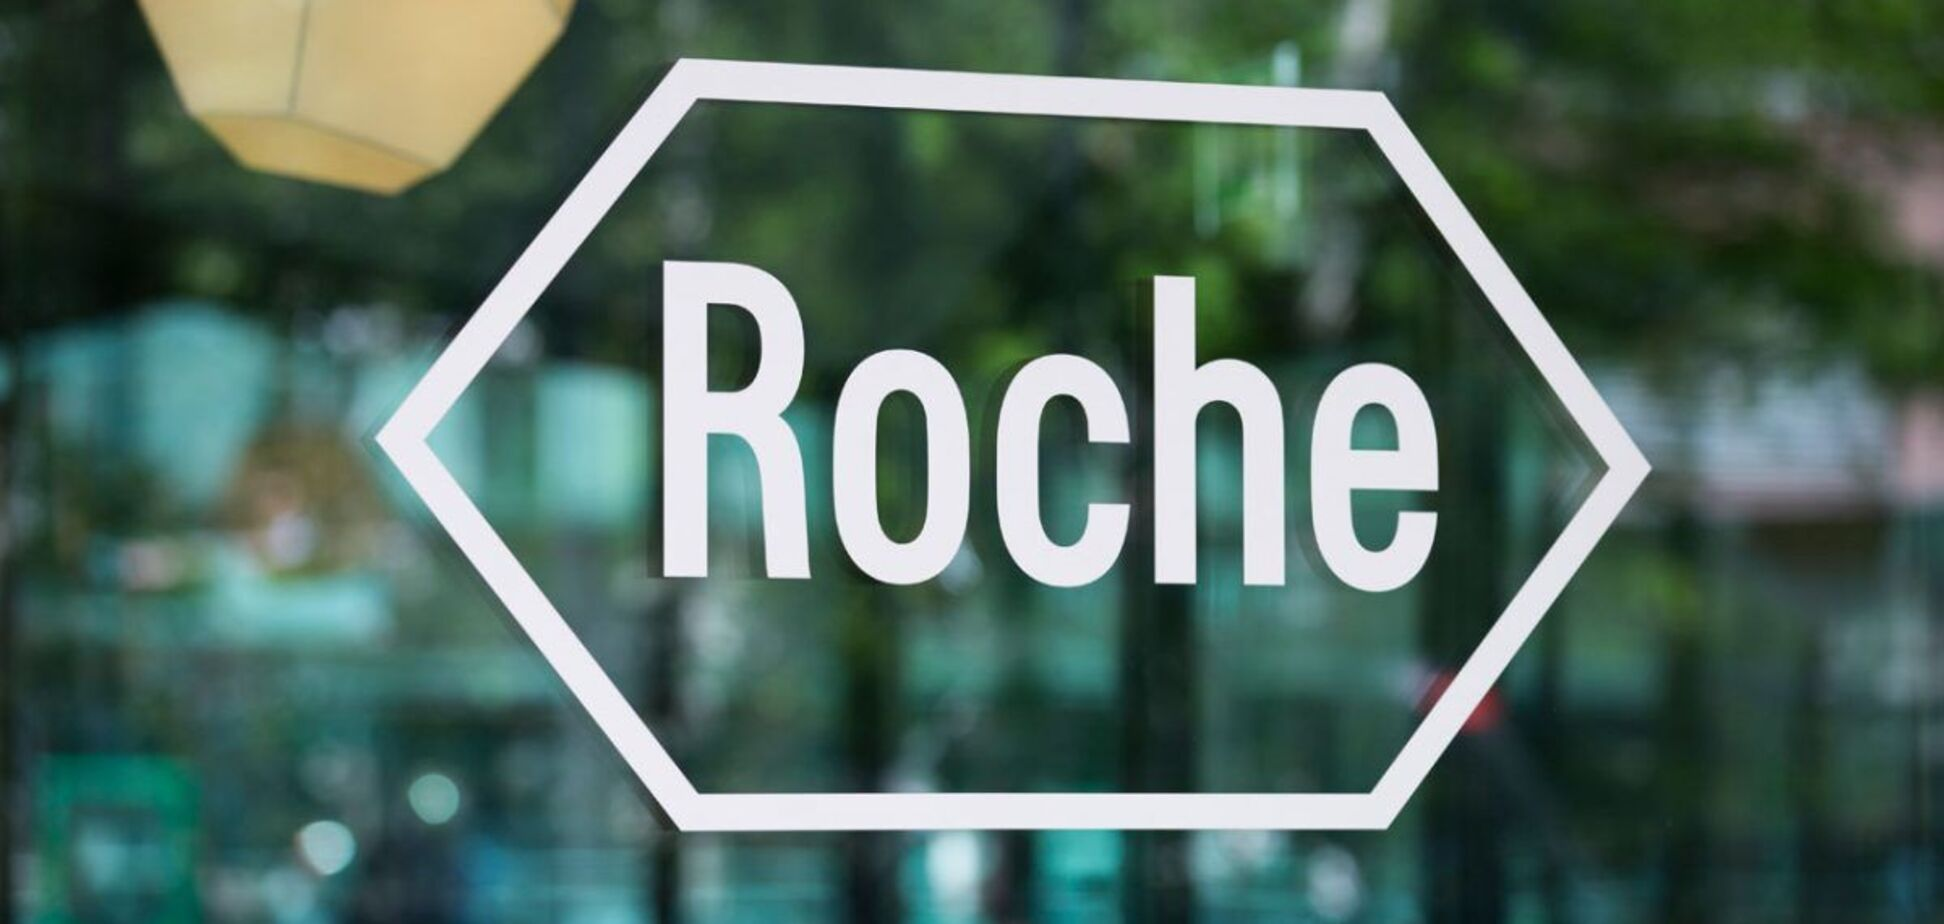 Експрес-тест на антитіла до COVID-19 компанії Roche схвалено в США